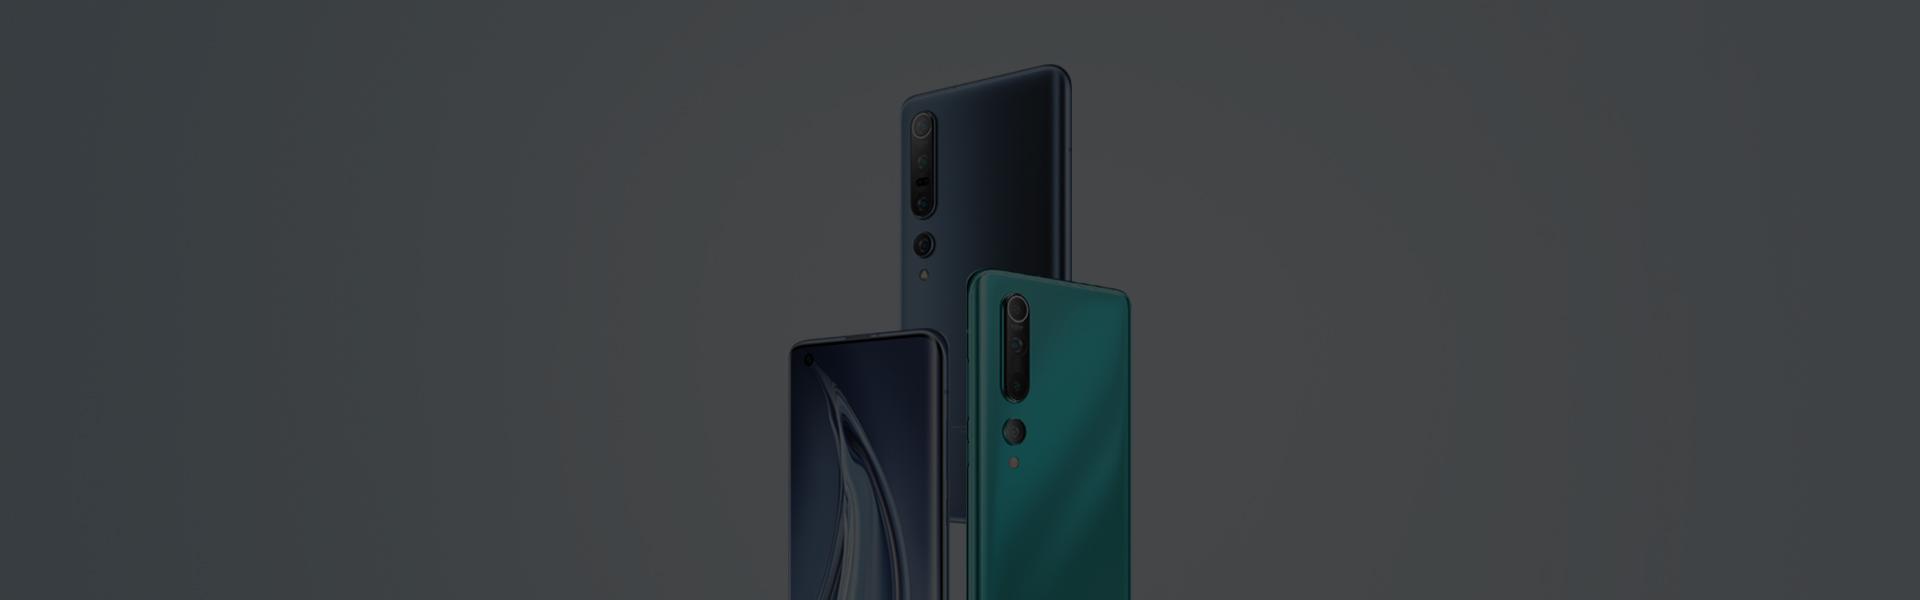 Xiaomi presenta su serie 10, con cámara de 108MP y gran calidad de vídeo